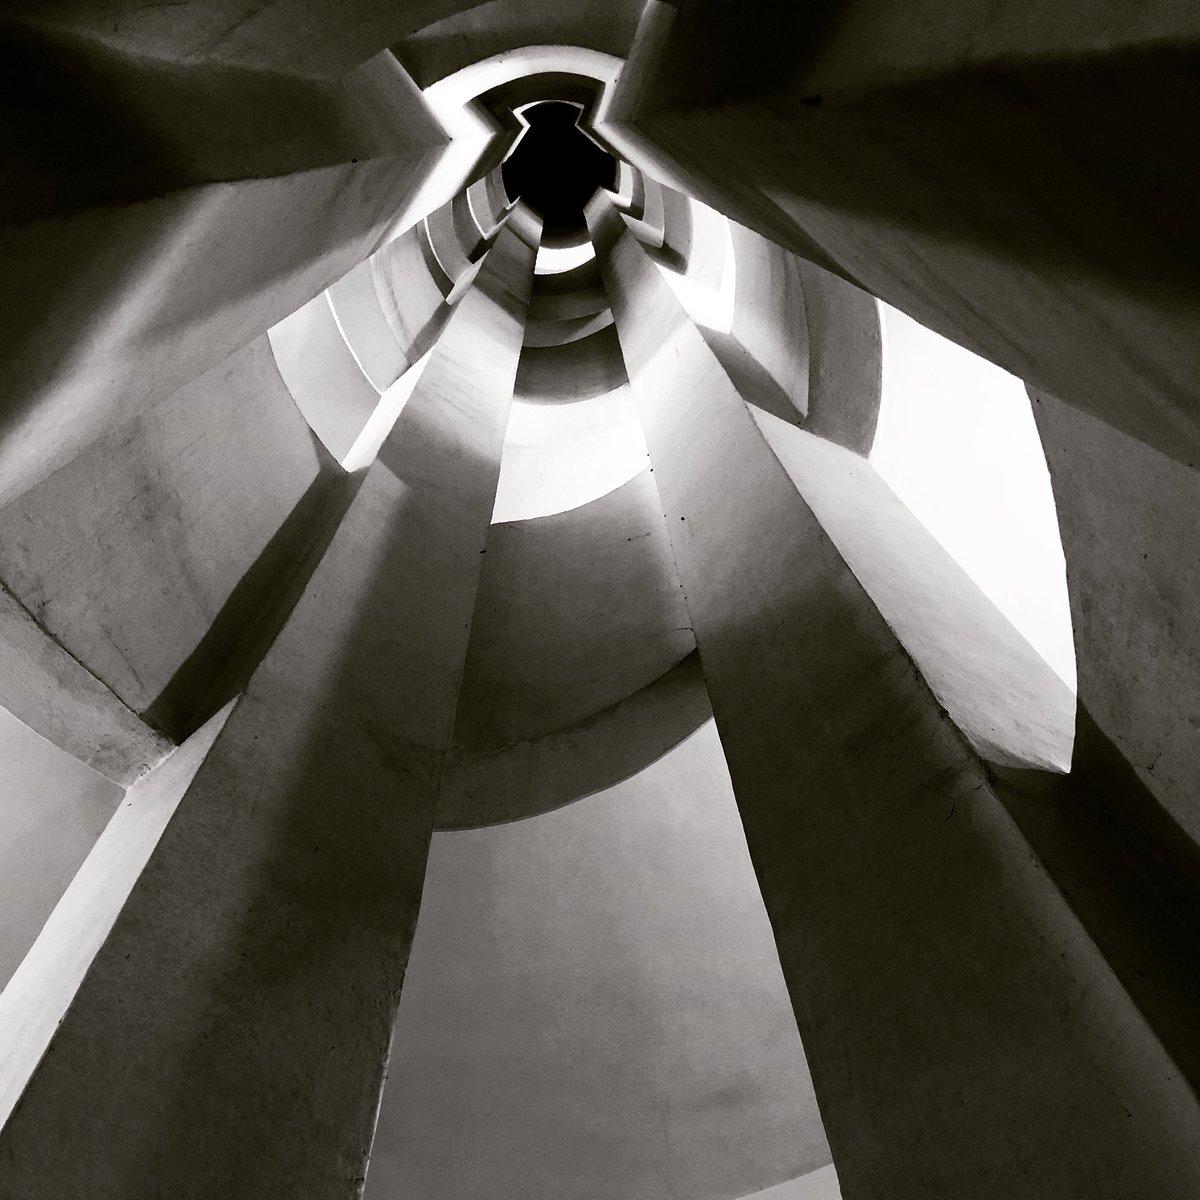 Luoghi inaccessibili: Palazzo Spada, sul lato di Vicolo del Polverone, ingloba una scala a chiocciola di Borromini. Siccome è difficile accedere, l'ho fotografata per voi #Roma #romaconimieiocchi @clapas66 @romewise @caputmundiHeidi @Mustapha1508 @MolaschiClara @EttoreSequi